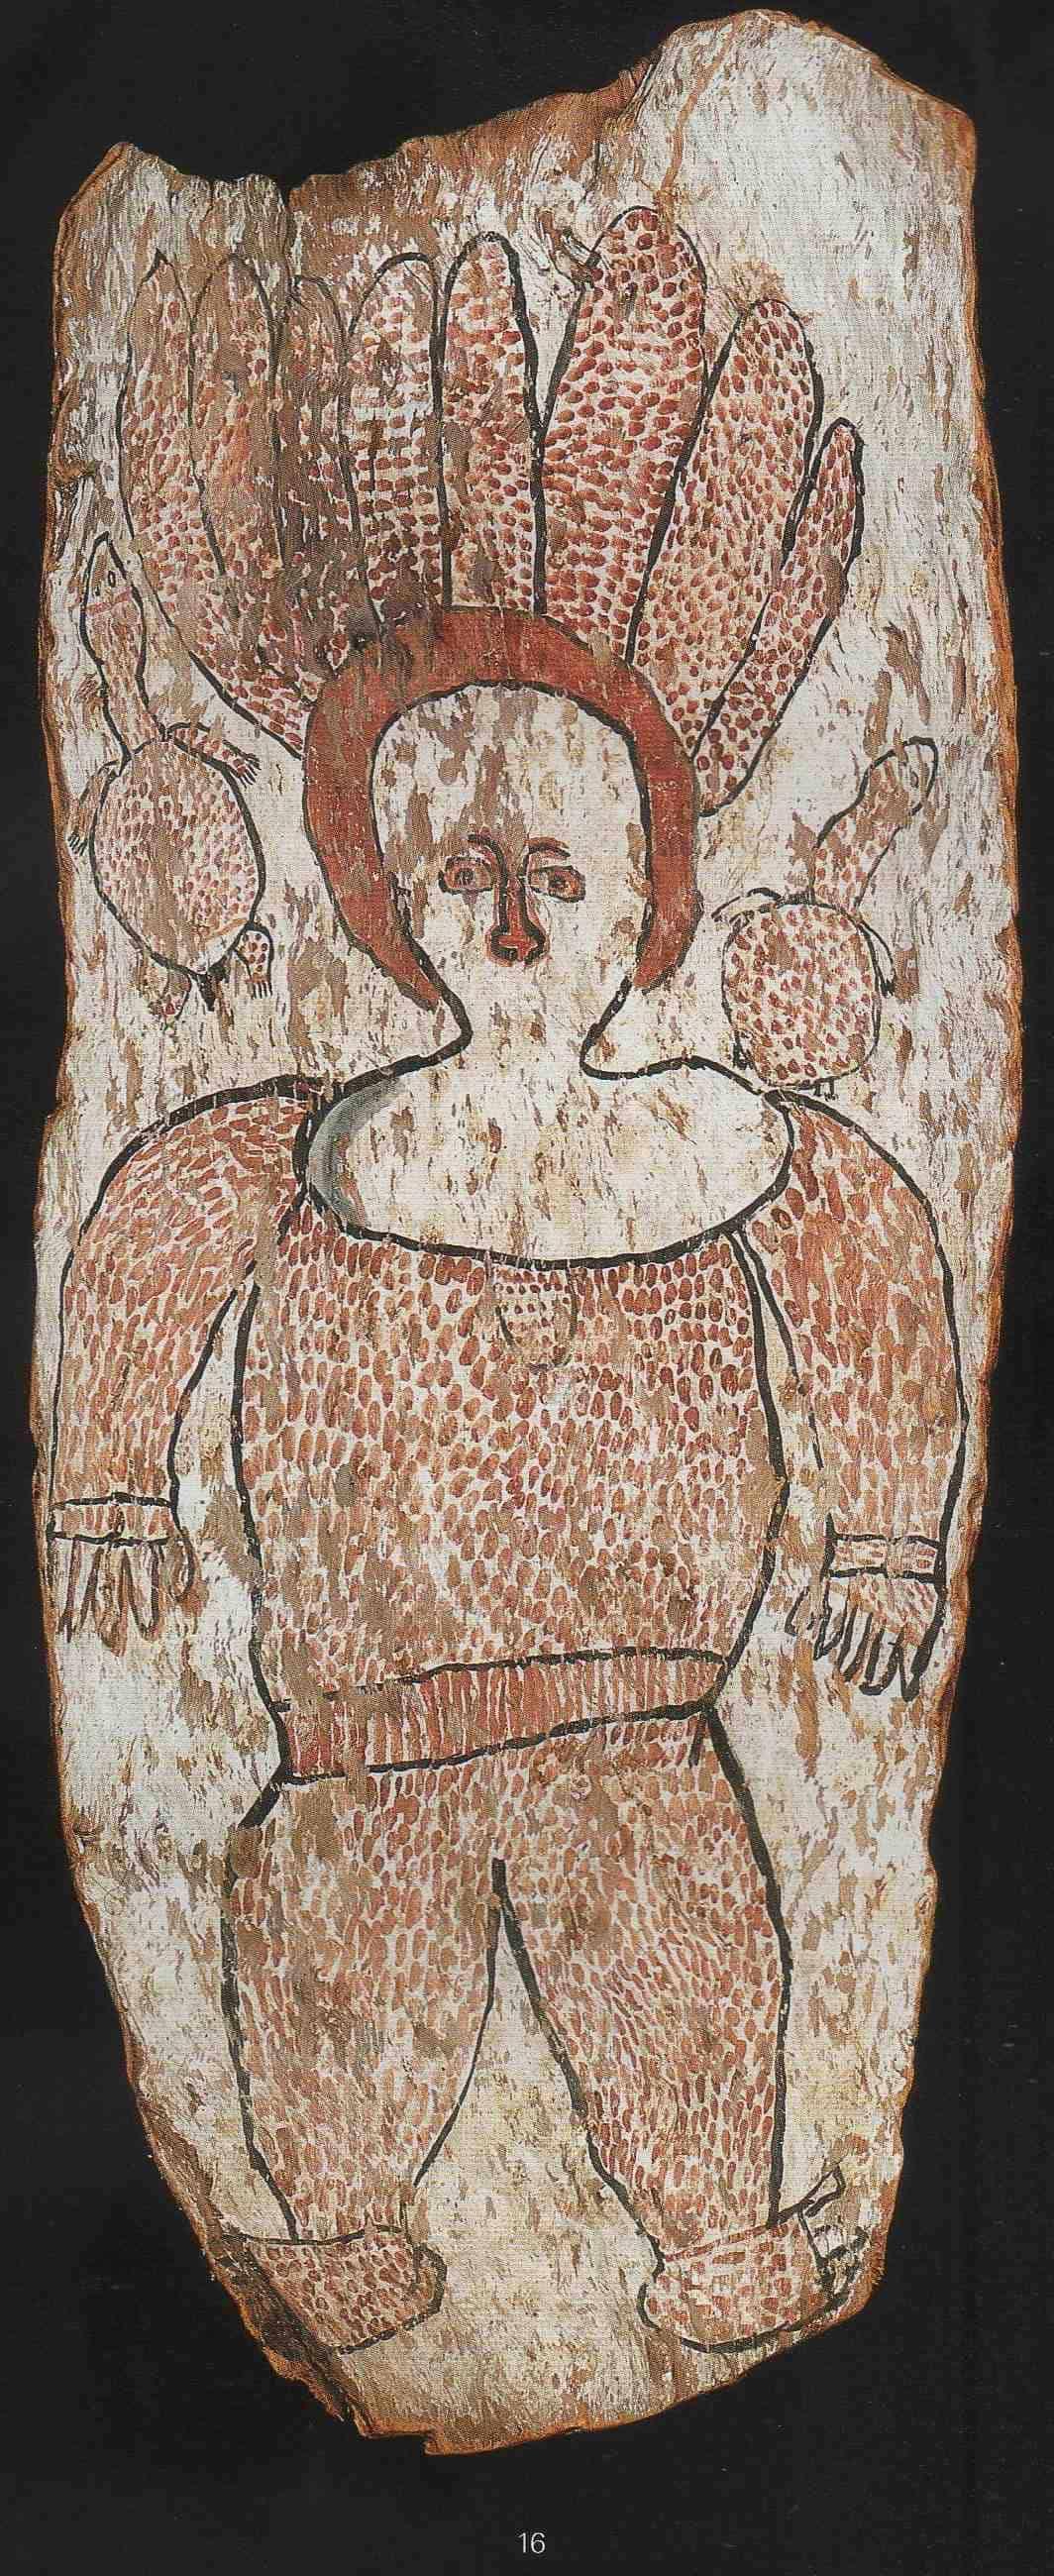 Wandjina painting